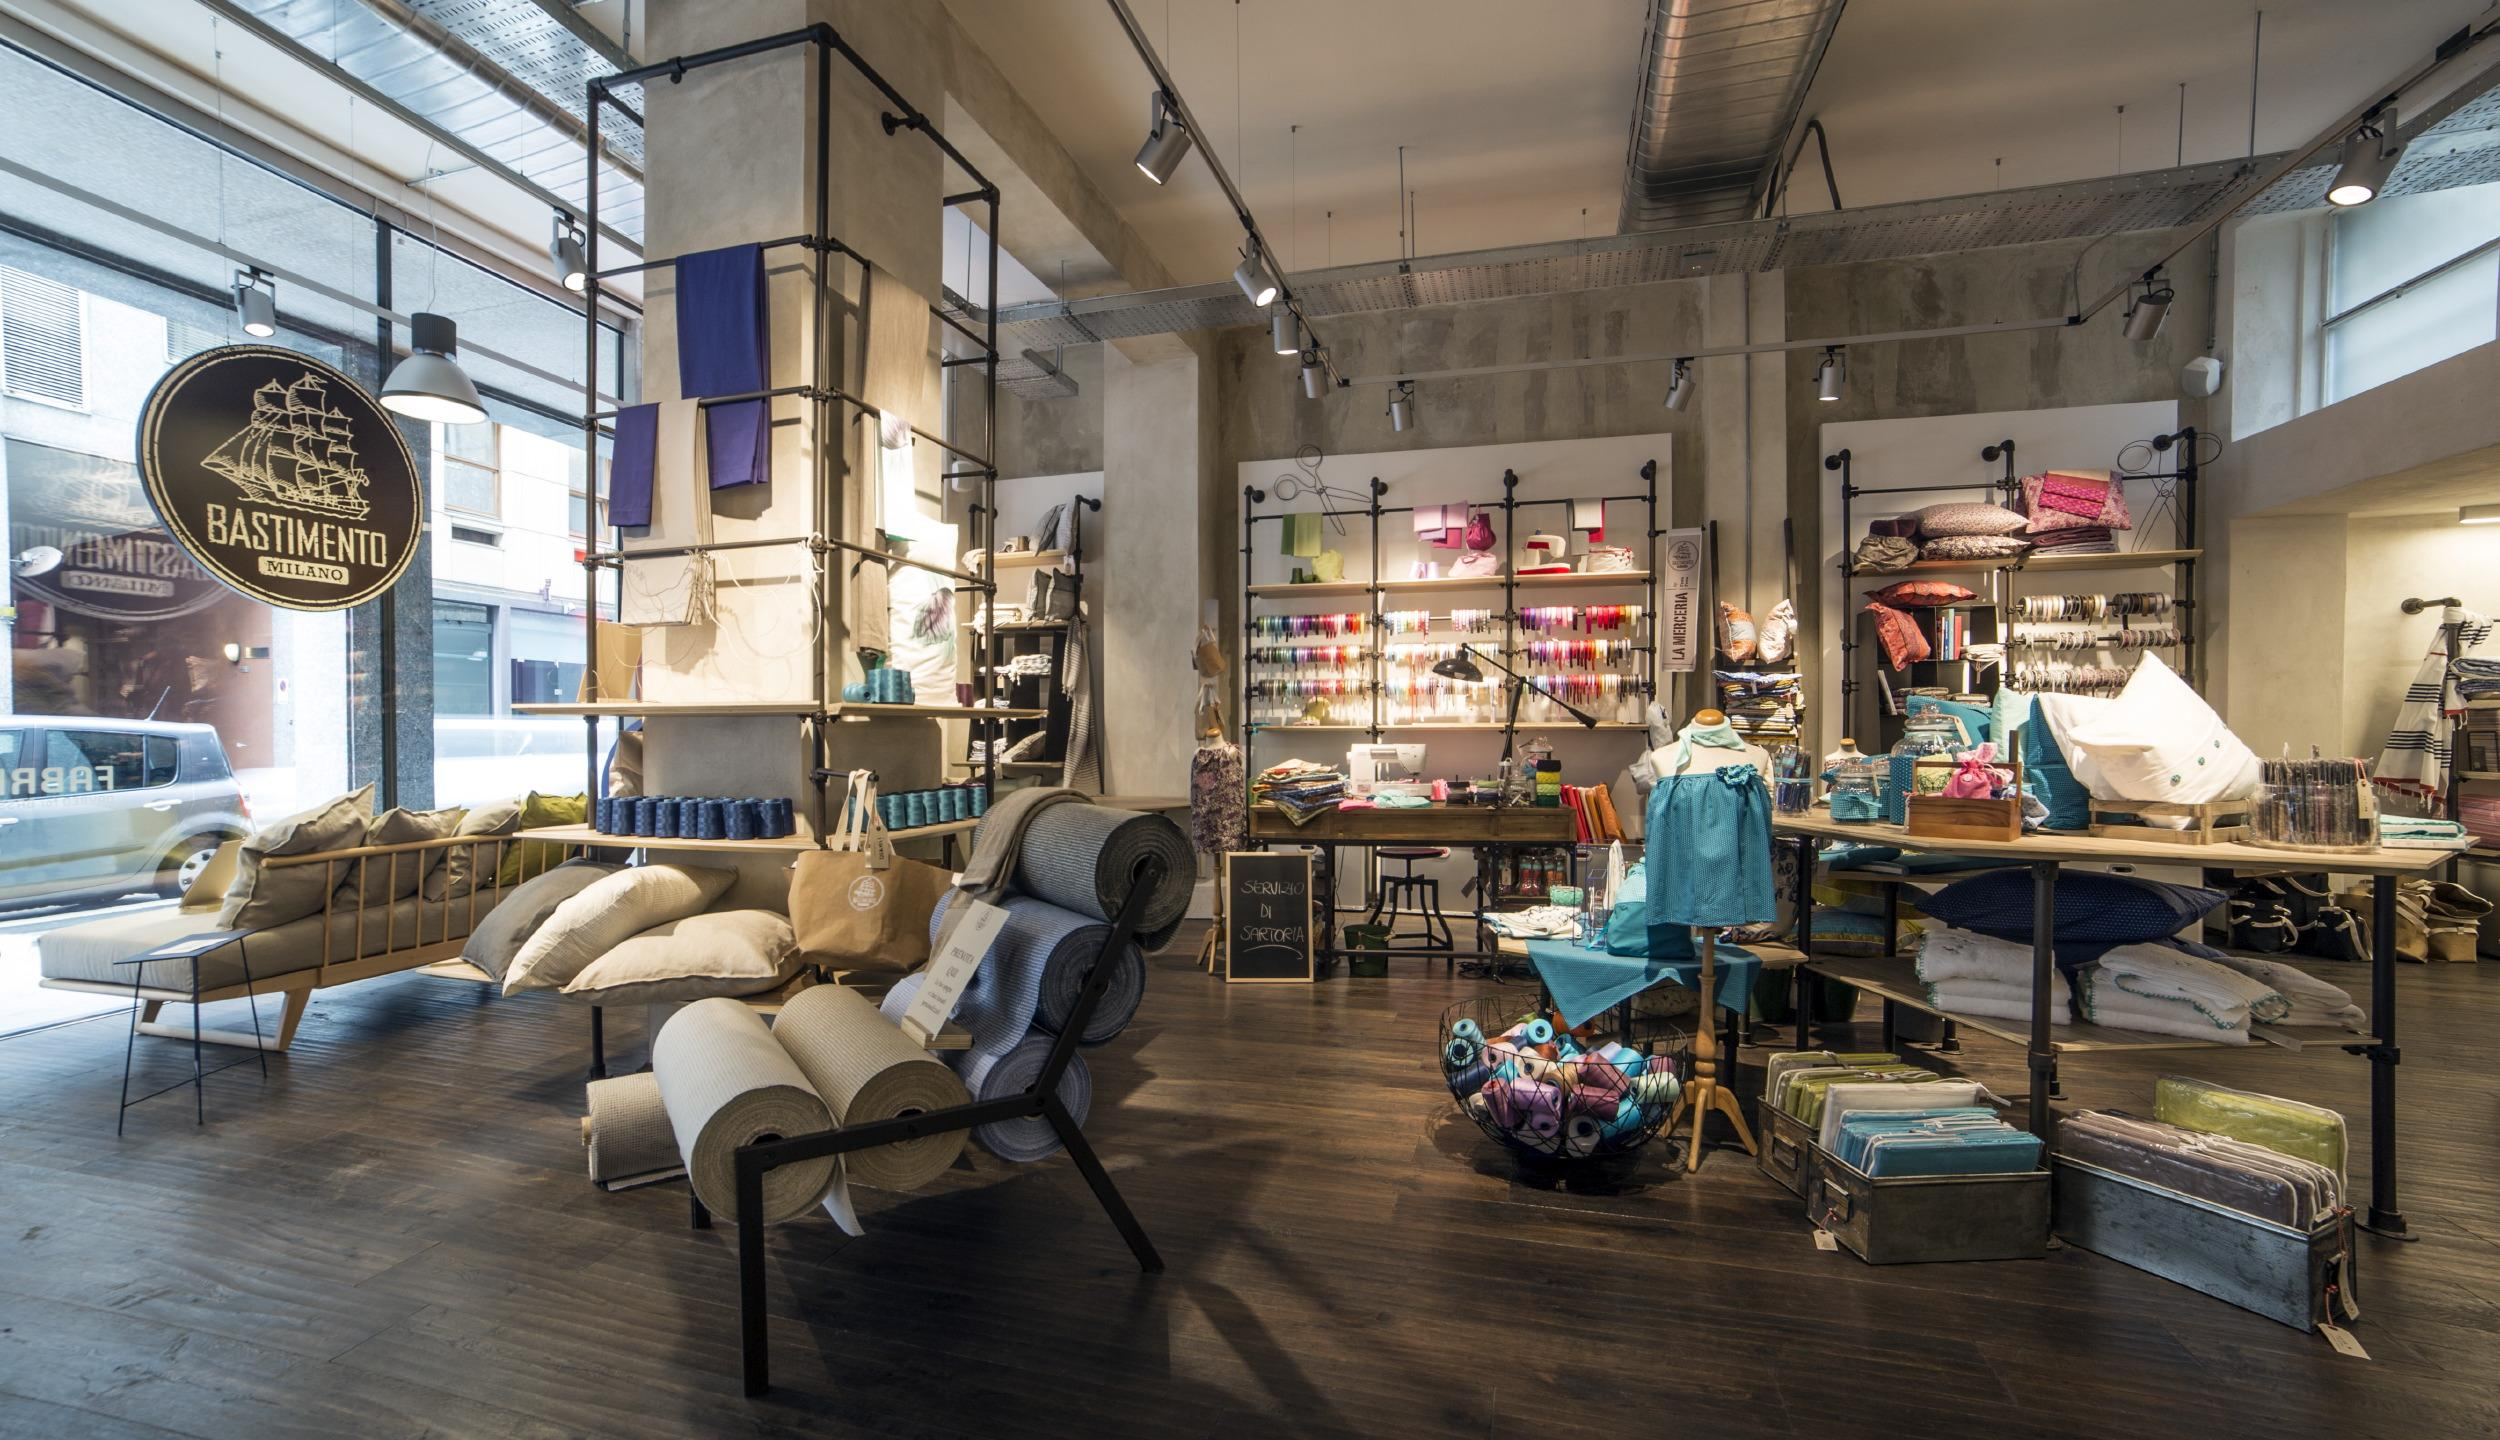 Nuovo negozio bastimento milano for Arredamento casa milano